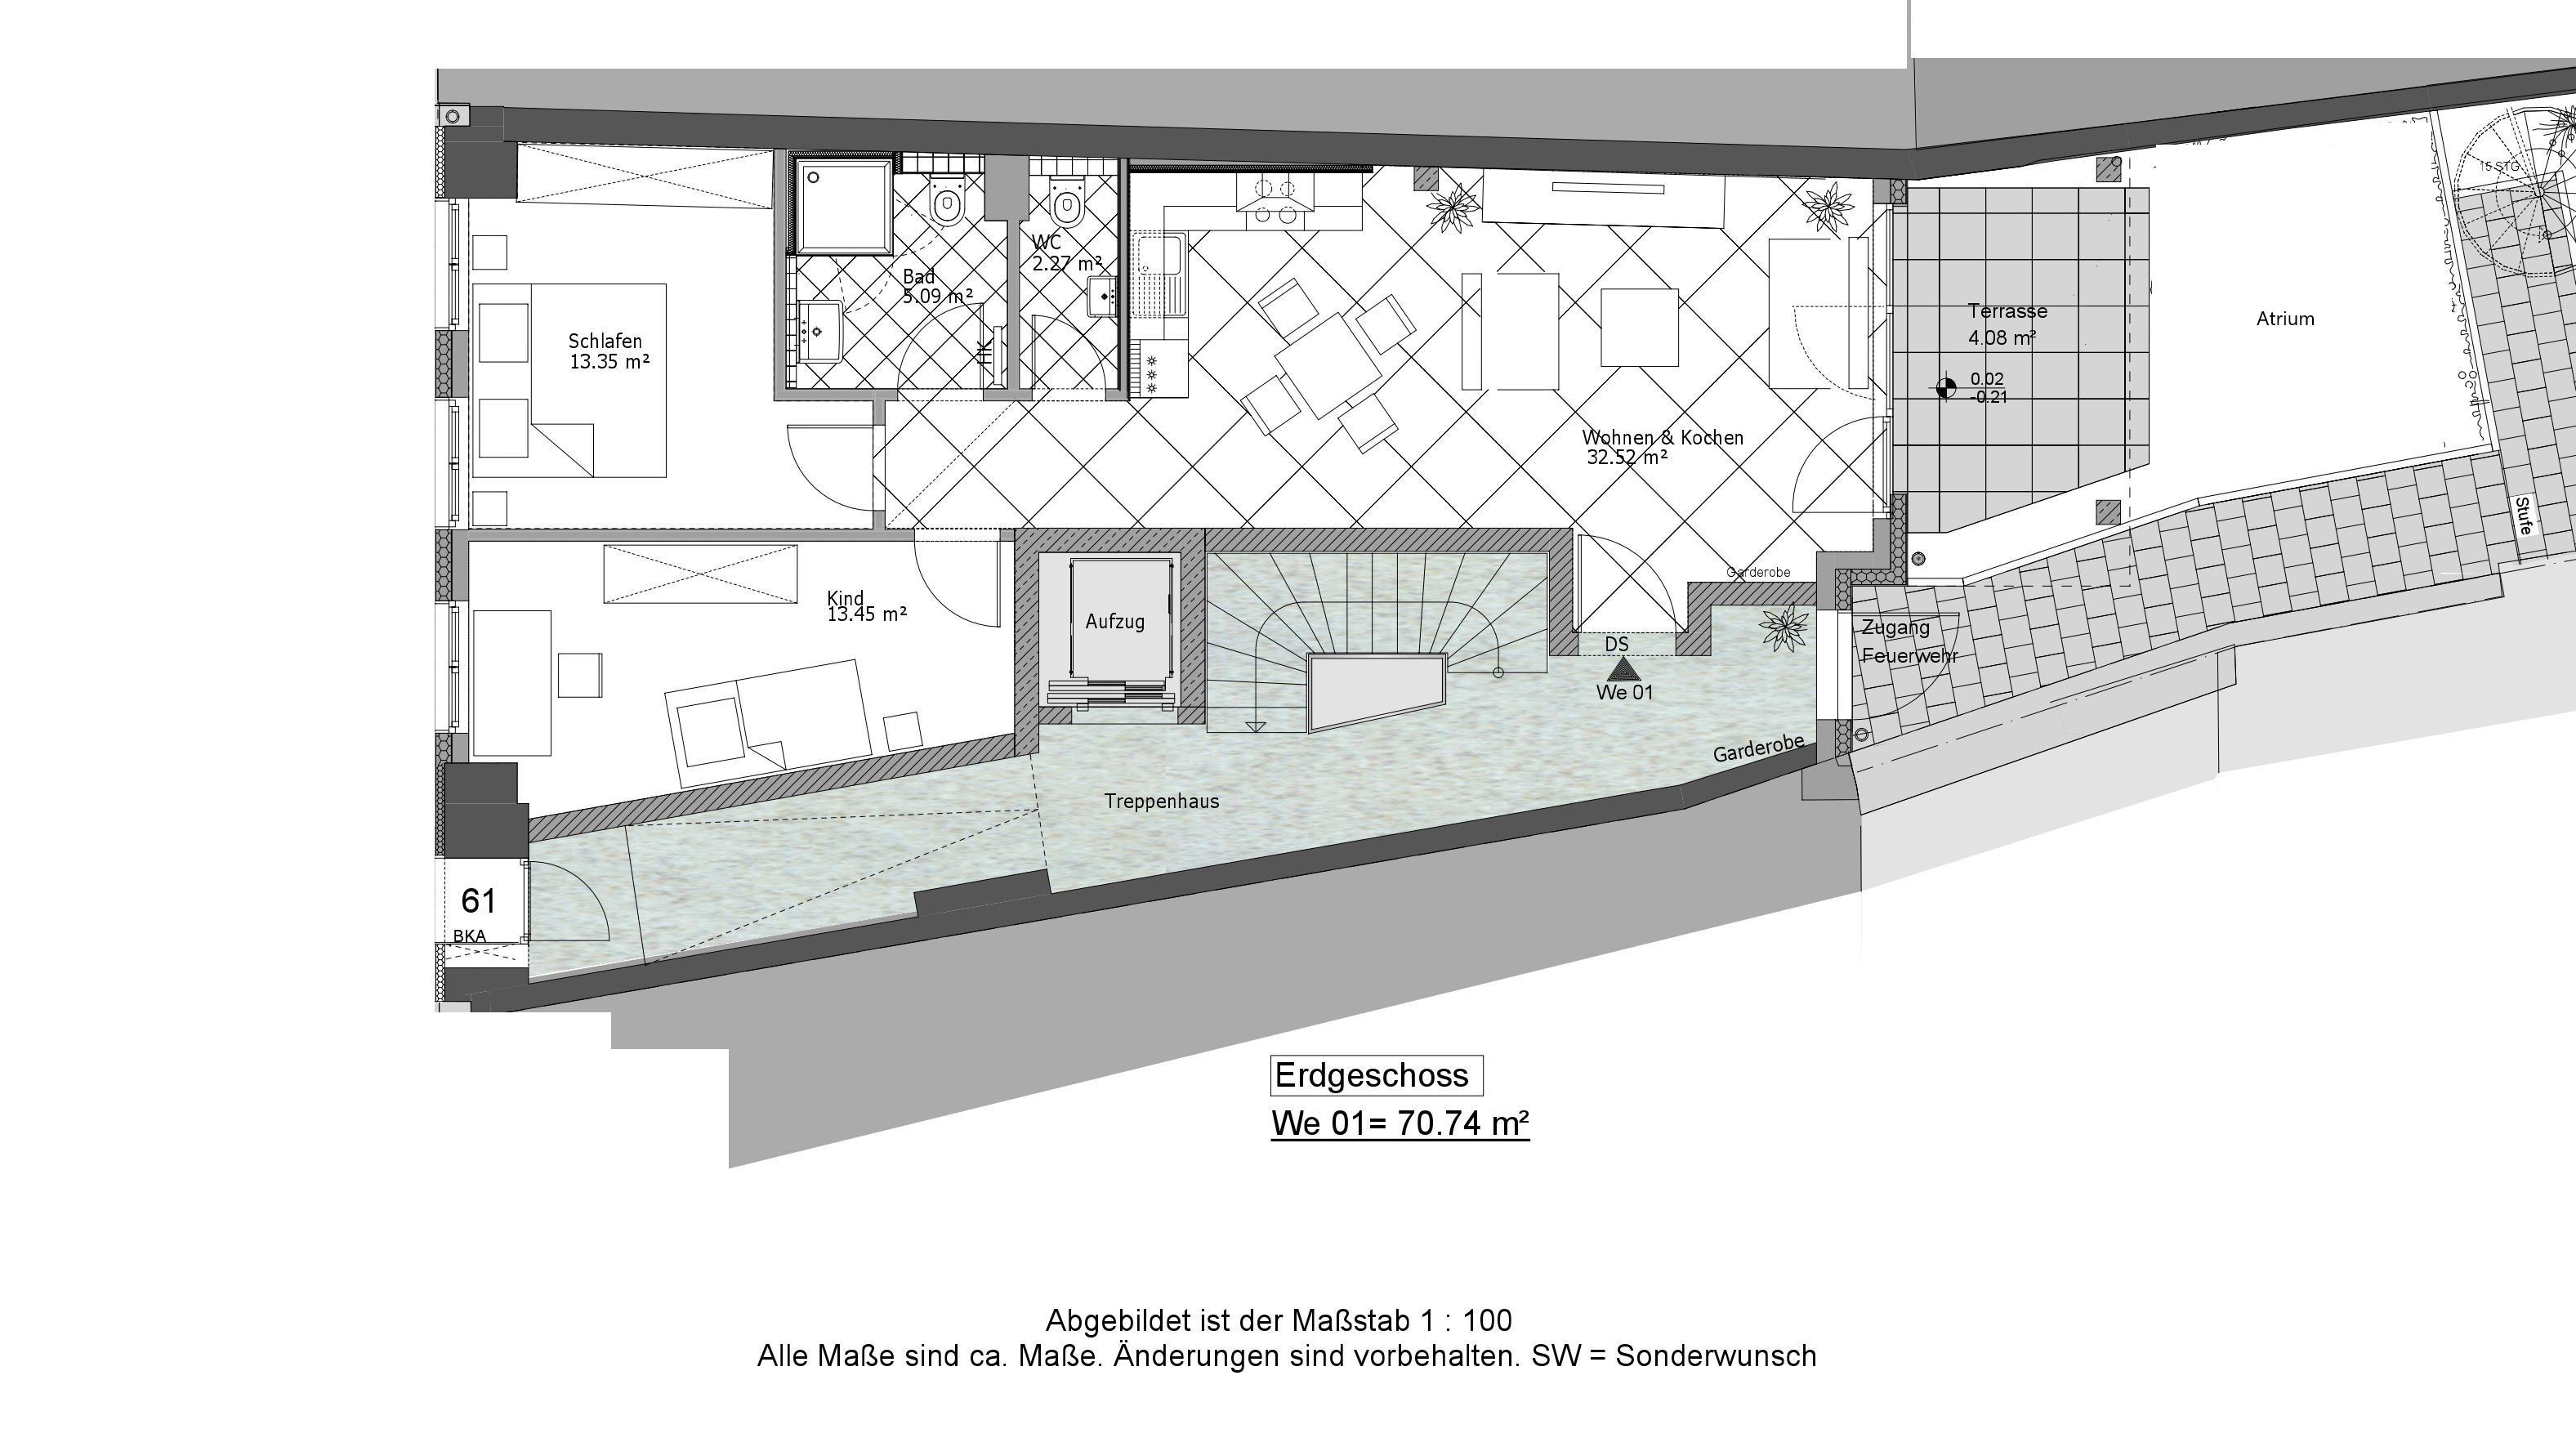 Attraktive Neubau-Eigentumswohnung mit Terrasse und Atrium inmitten der City